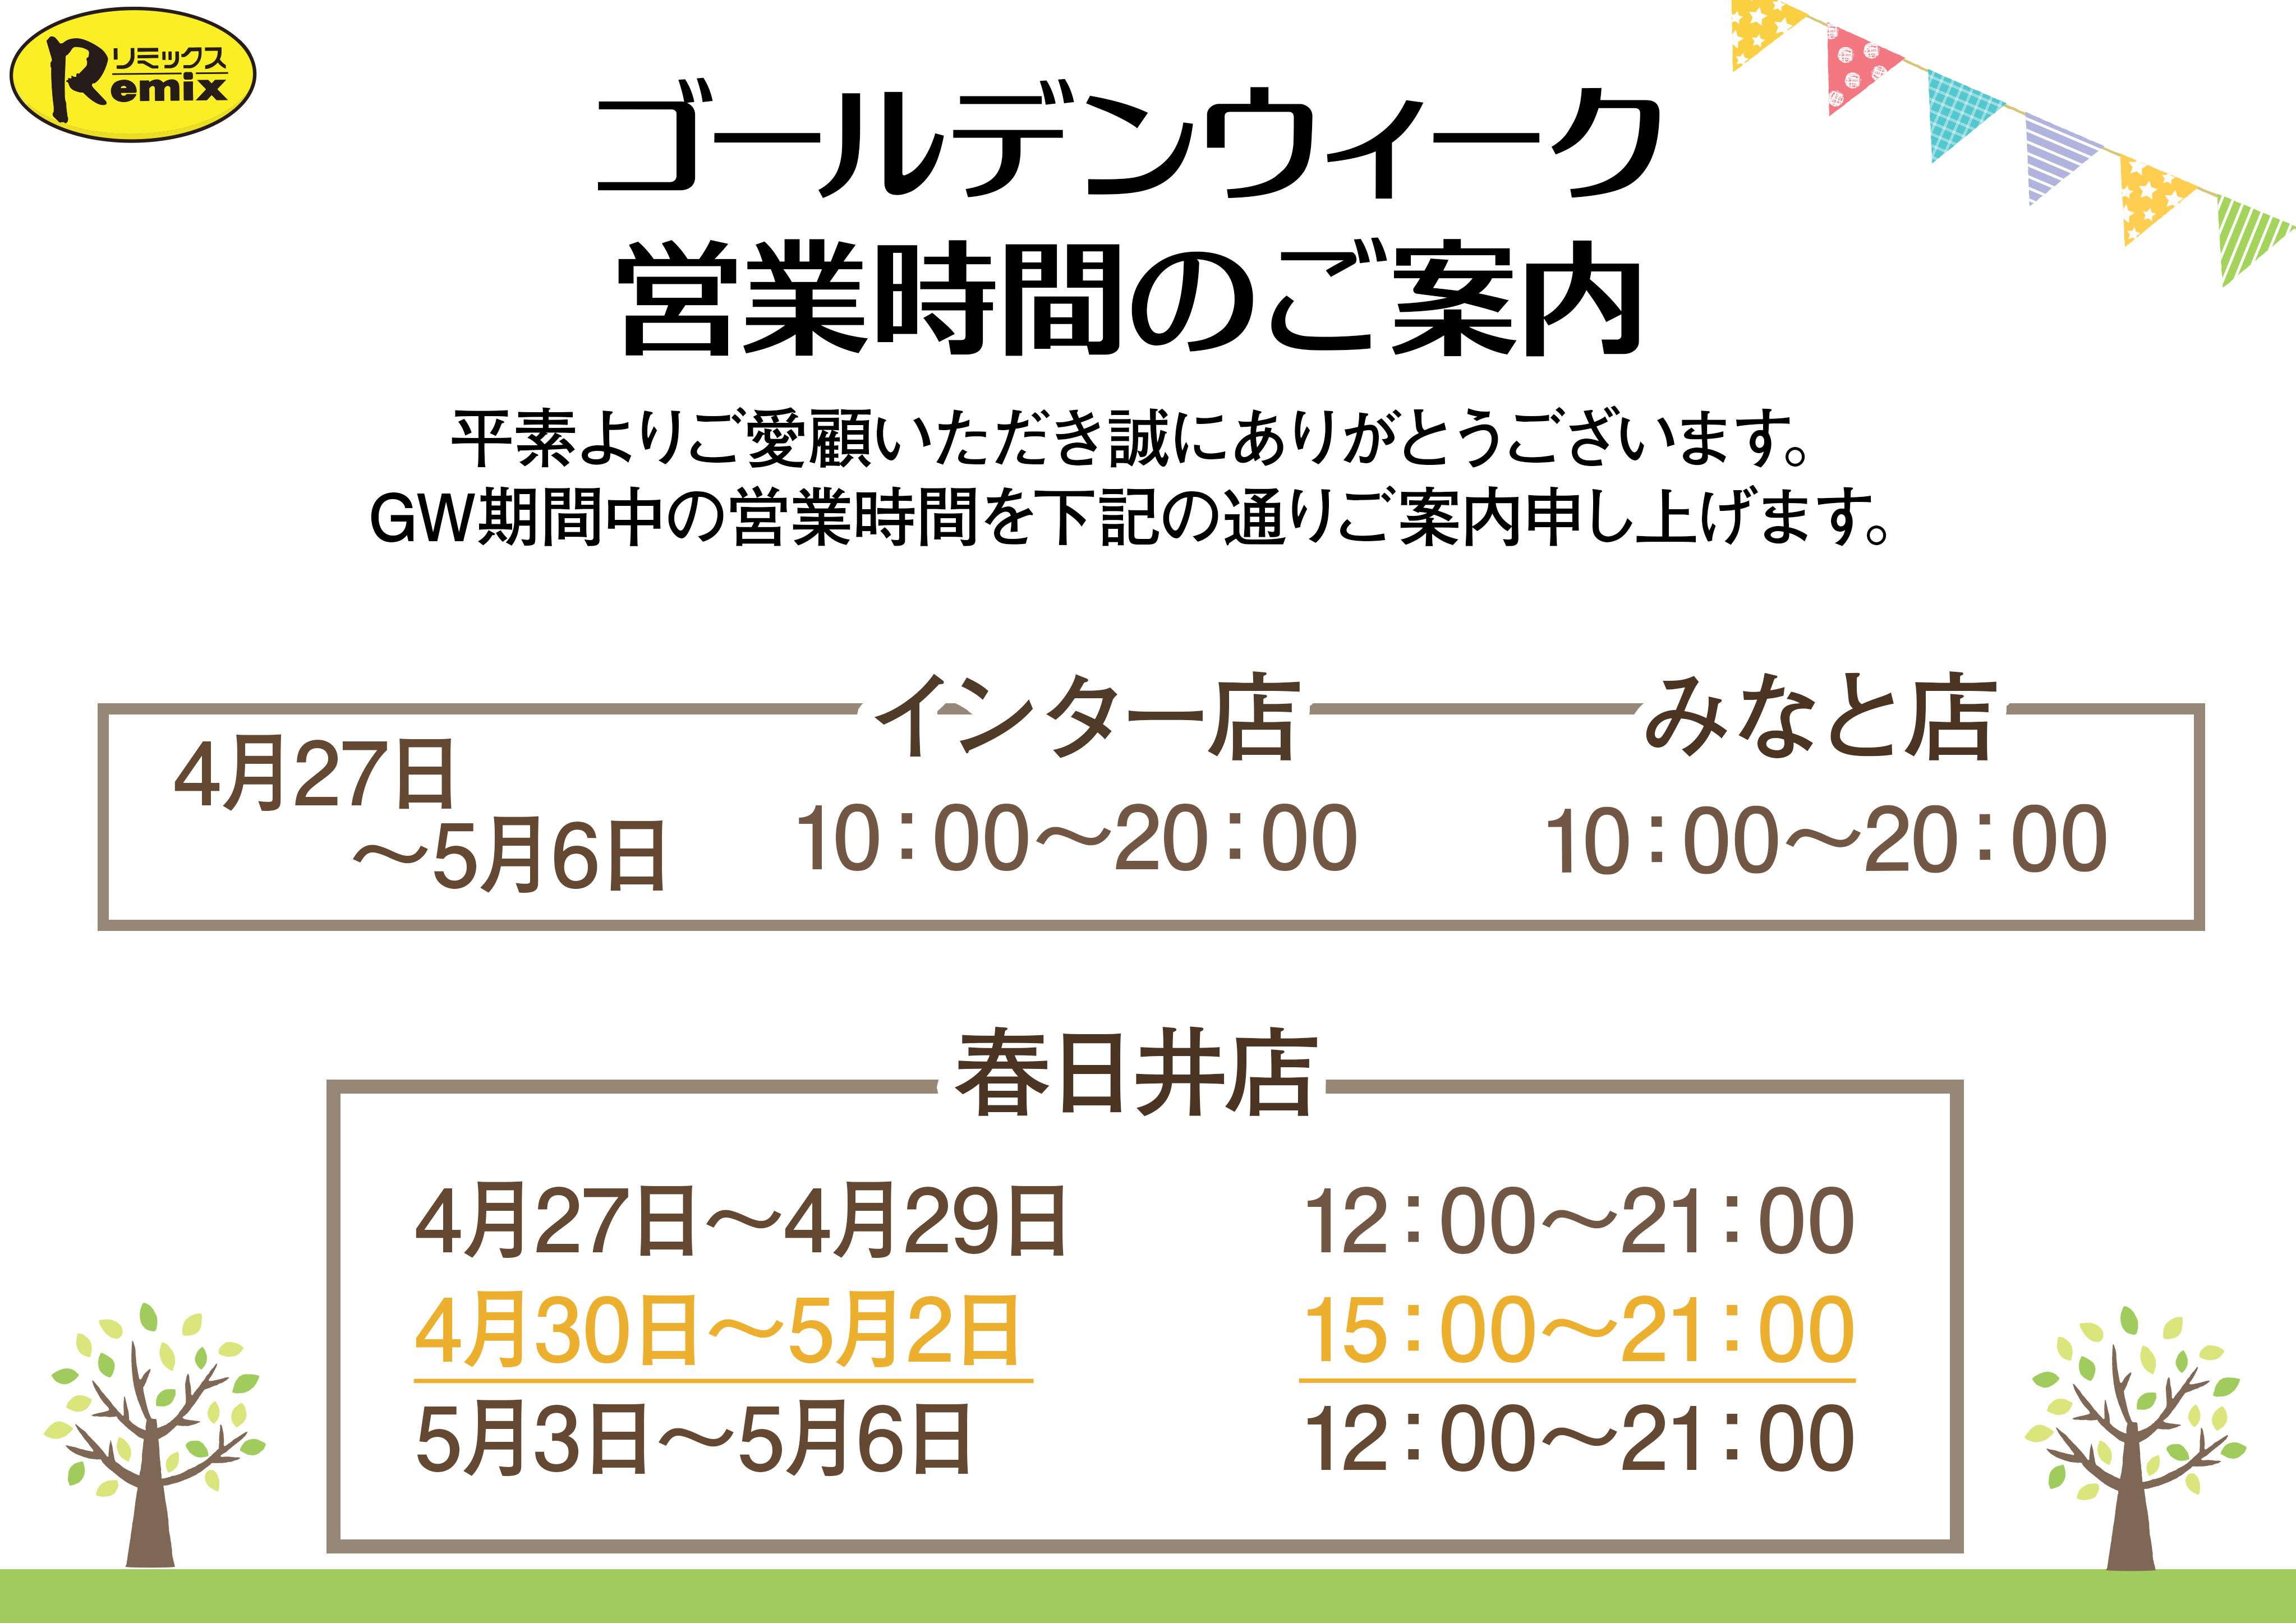 ~GWも営業中~!(^^)!